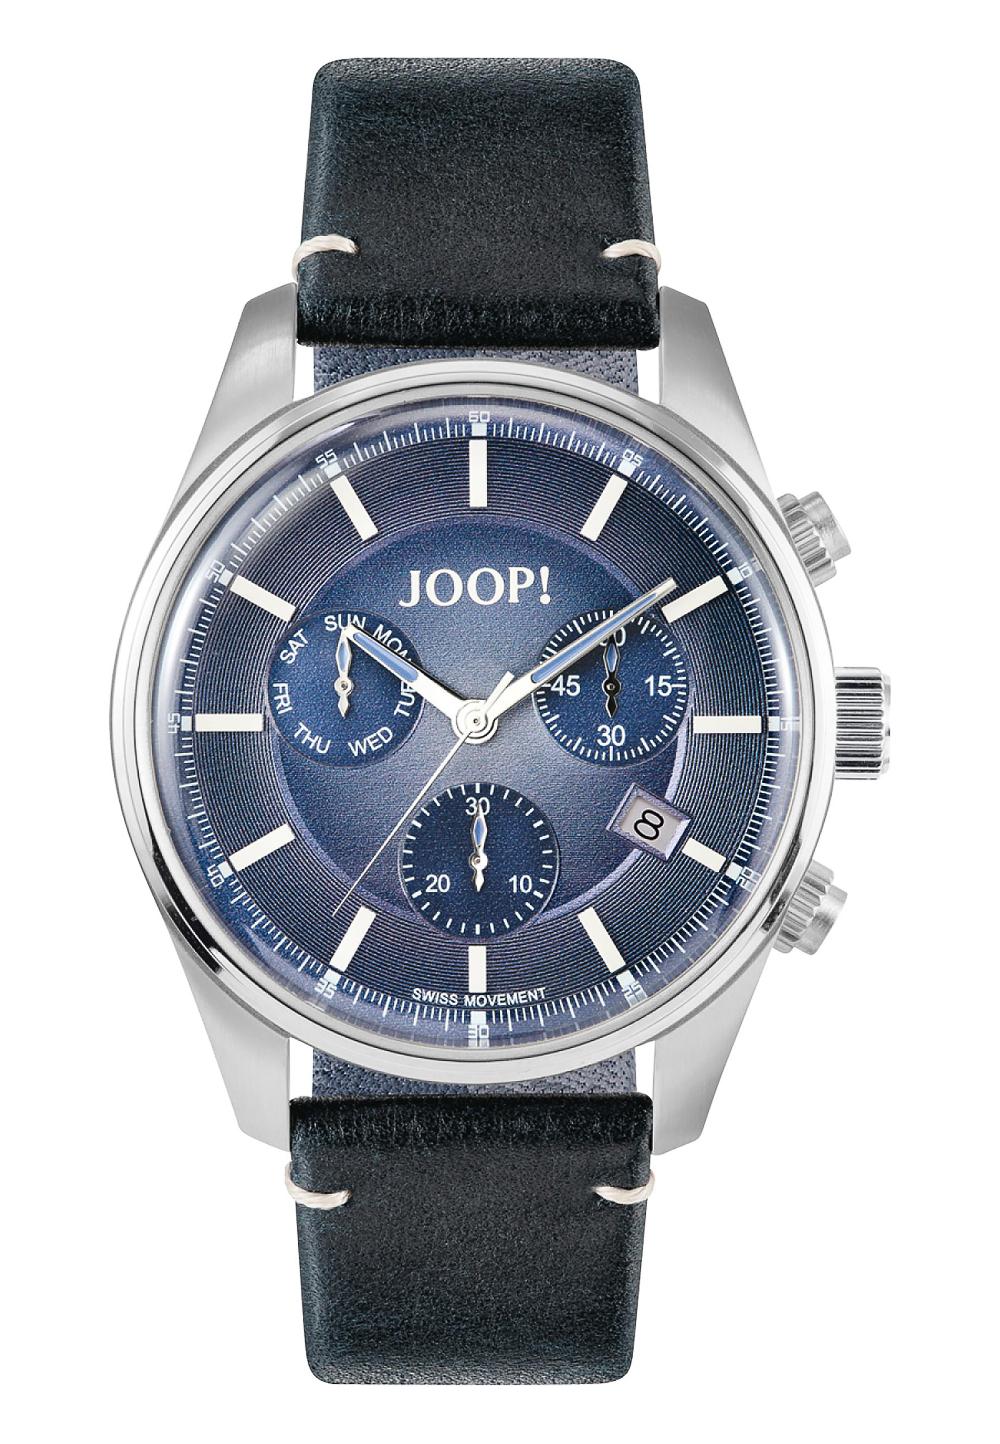 Chronograph von JOOP! für nur 127,27€!